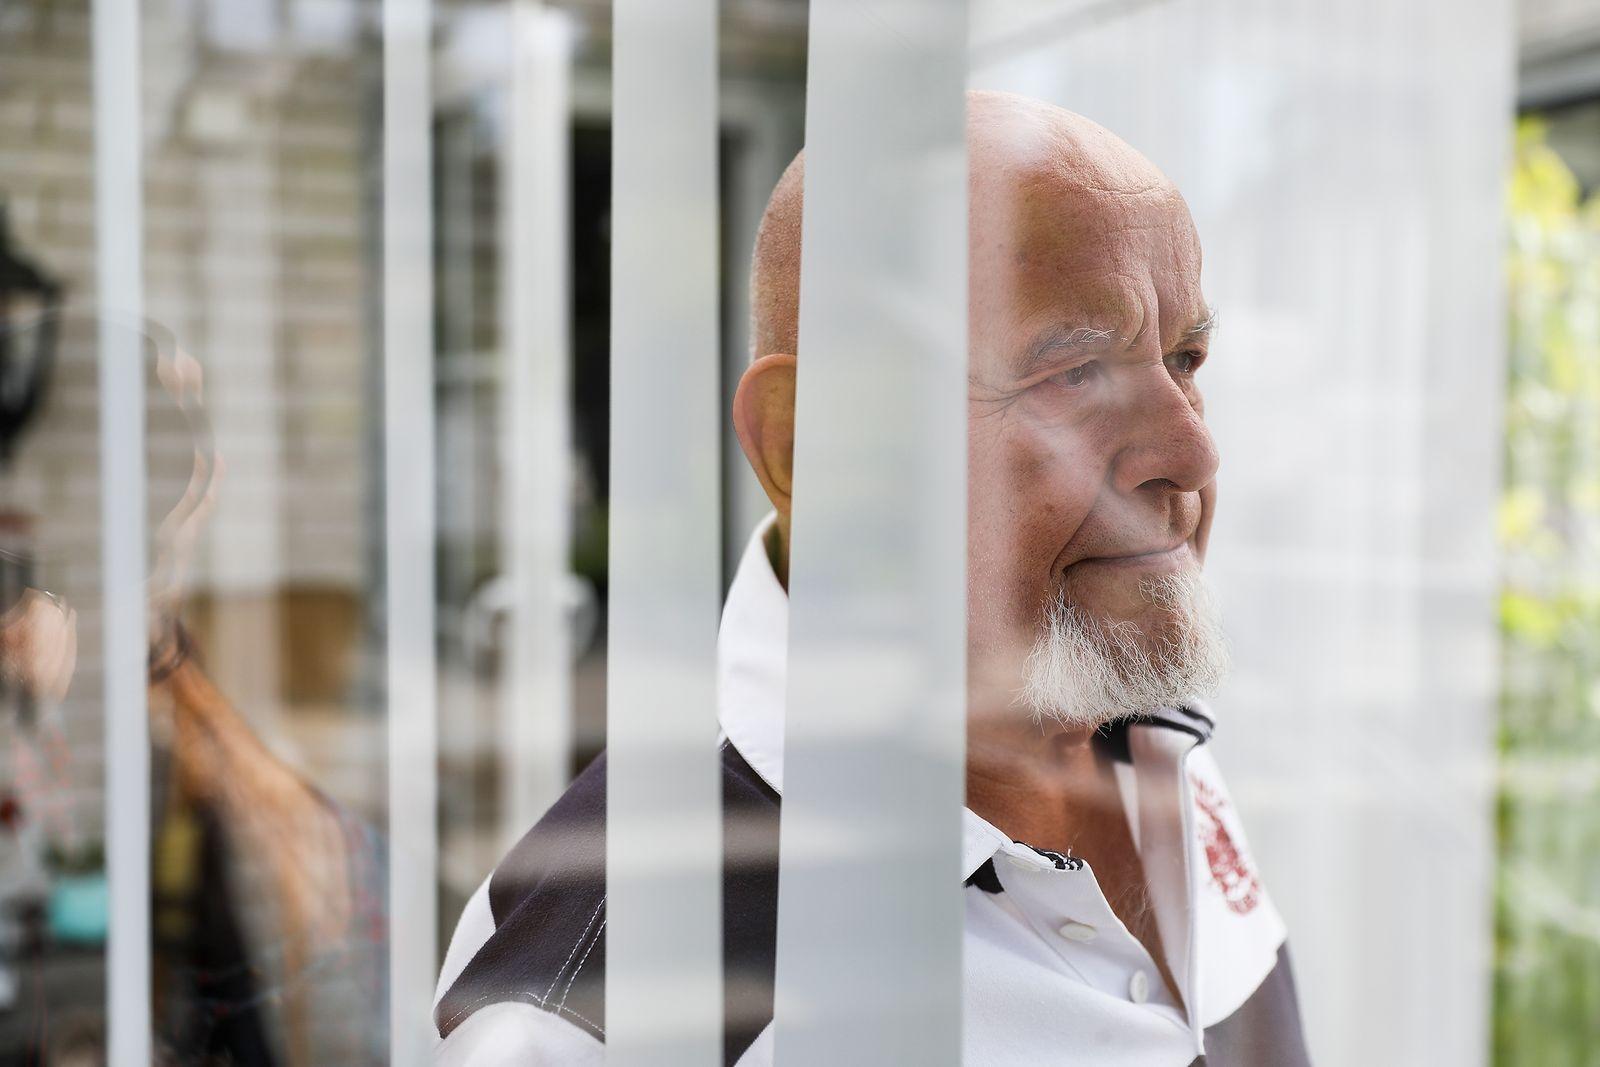 Kiviksförfattaren Nils Mohlin är civilingenjören som började skriva efter pensioneringen. – Min pappa var journalist, så lusten att skriva har säkert gått i arv.